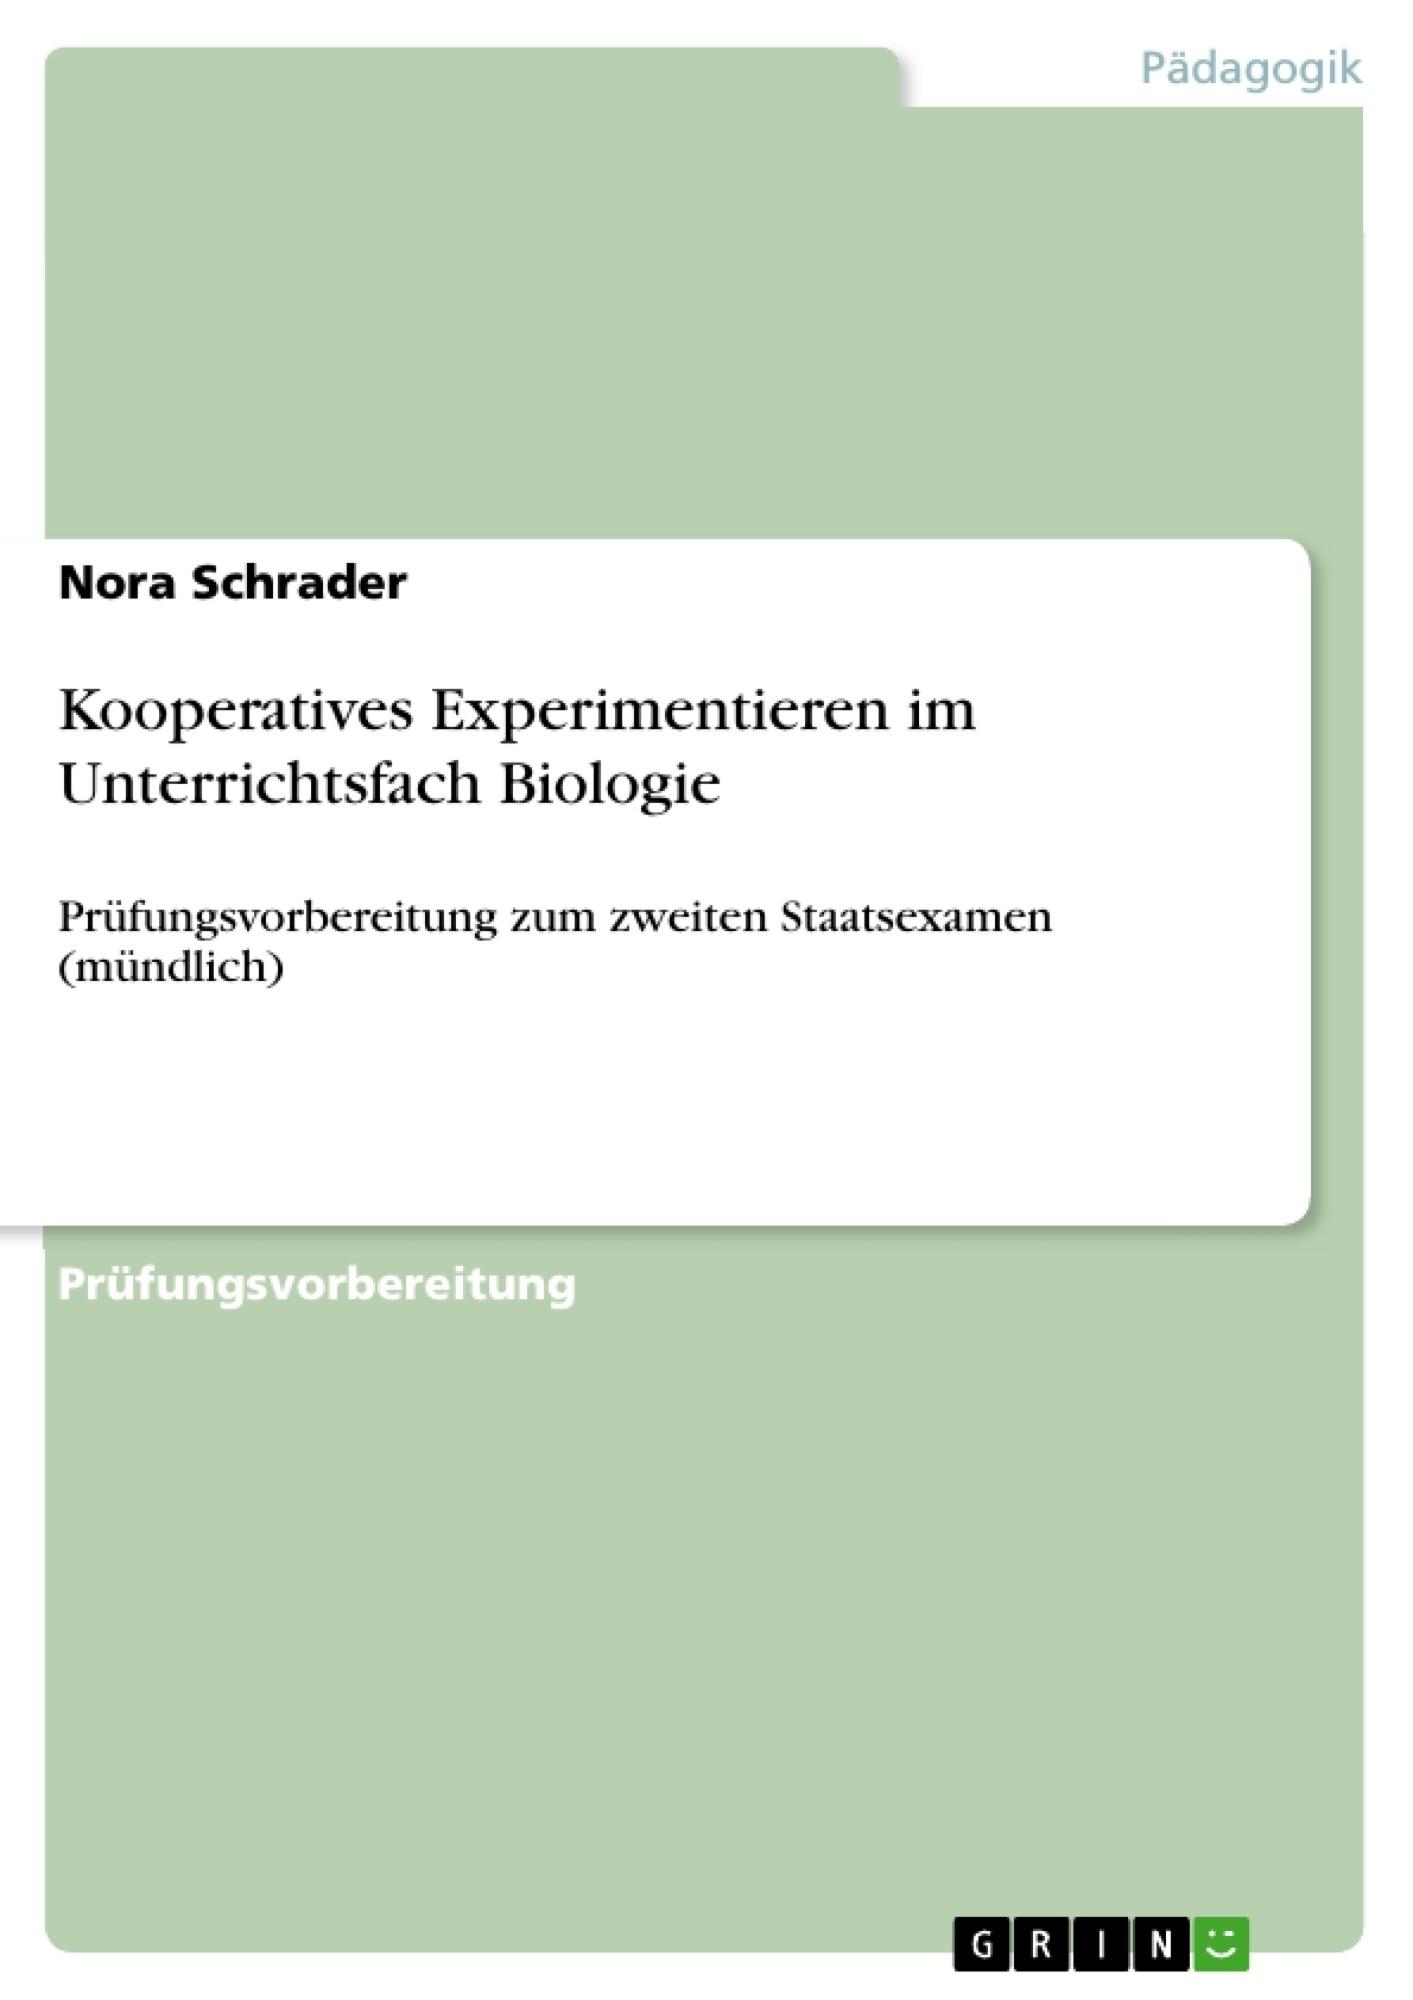 Titel: Kooperatives Experimentieren im Unterrichtsfach Biologie